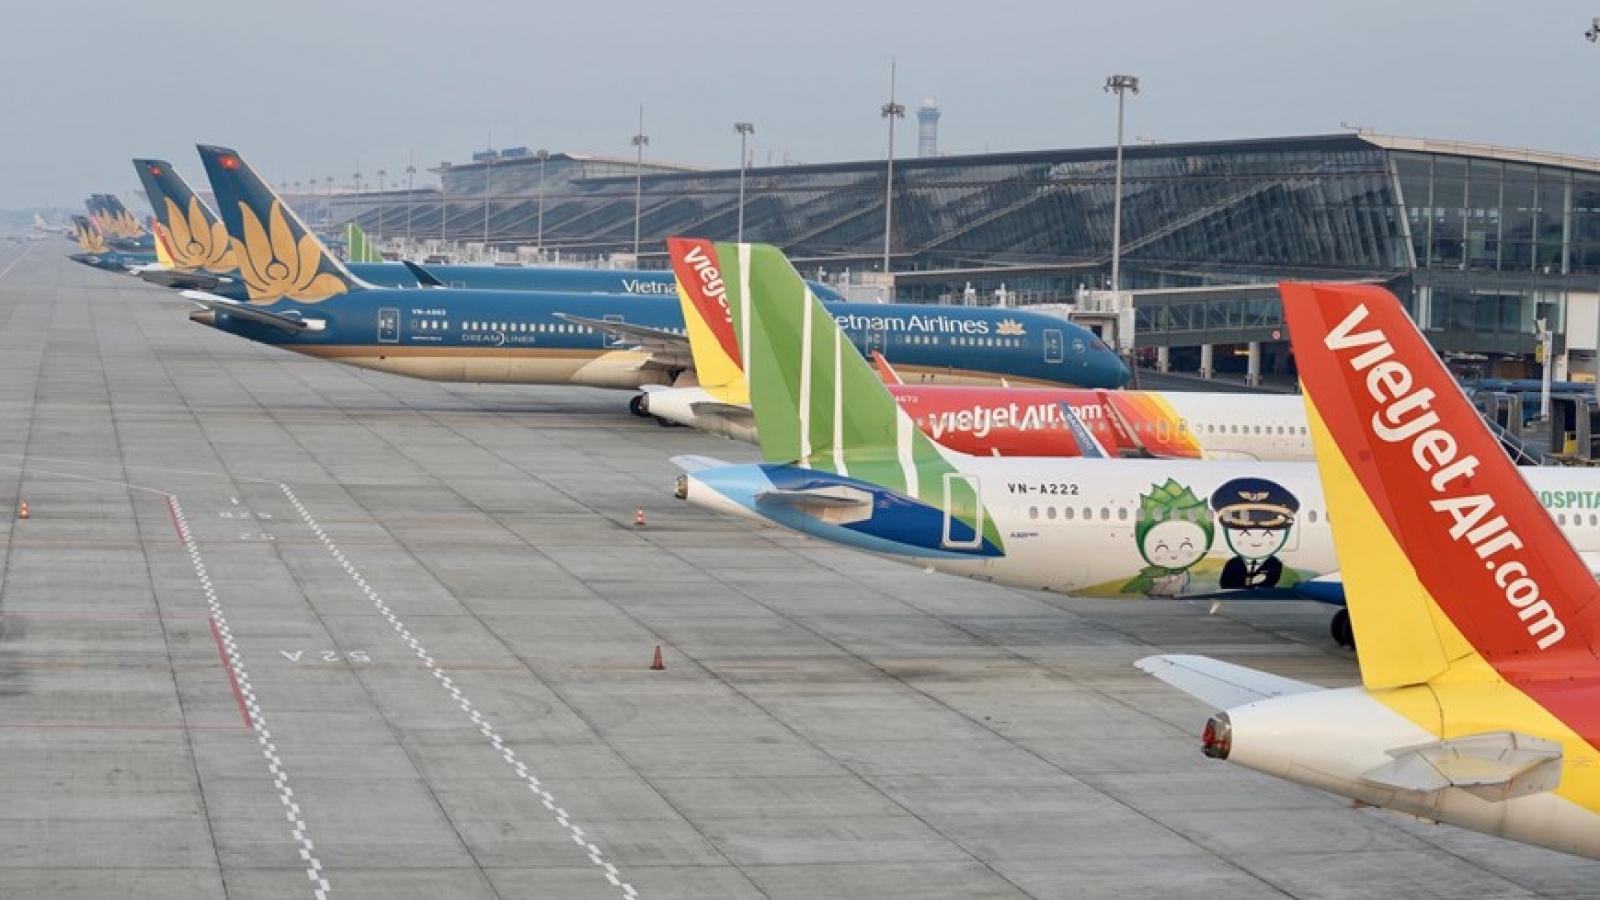 Áp giá sàn vé máy bay: Tước quyền của khách hàng, vi phạm Luật Cạnh tranh